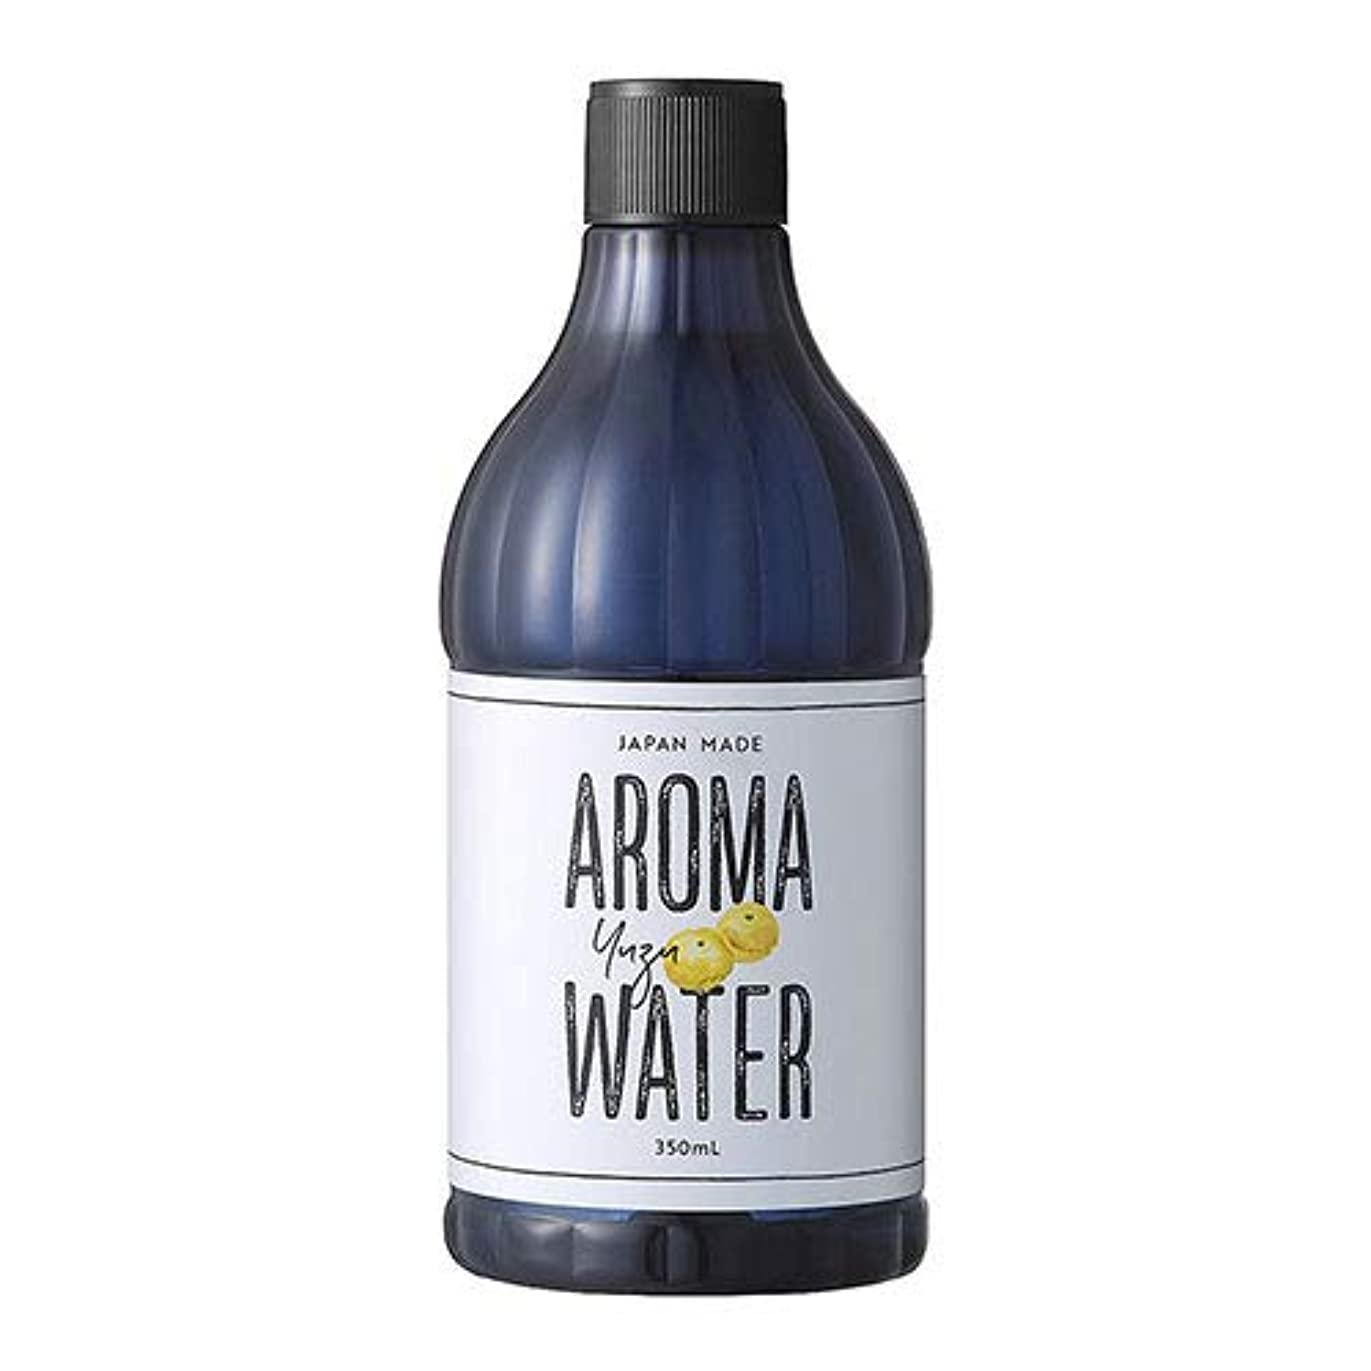 水を飲むネックレス同盟アロマウォーターユズ